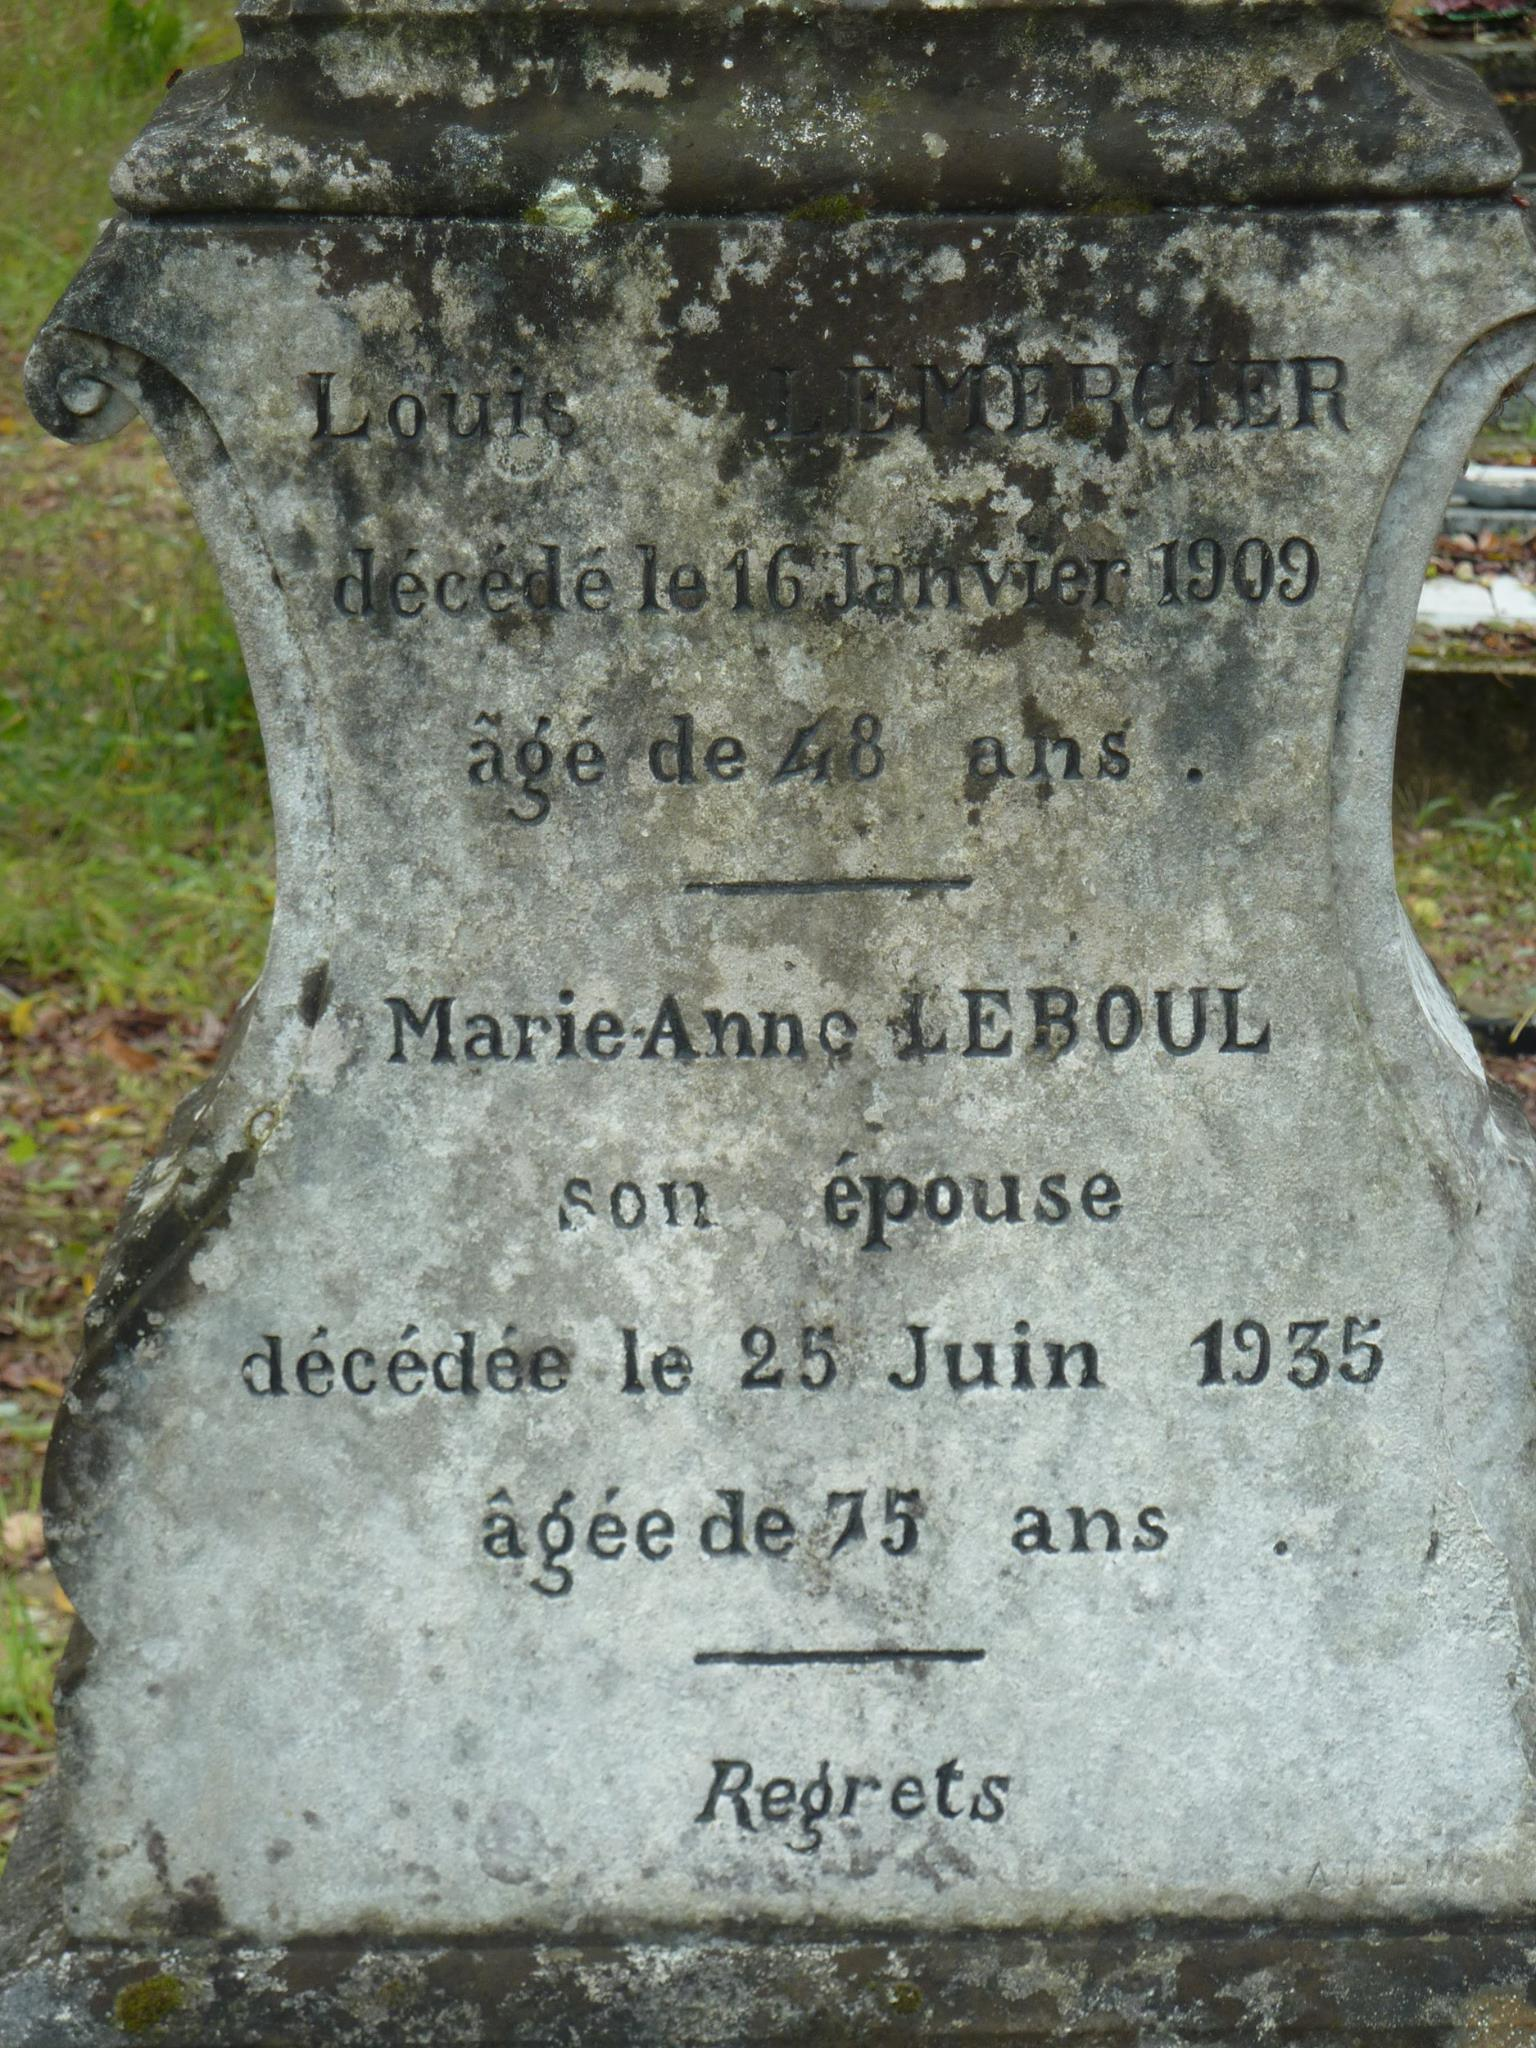 Clermont Créans - Cimetière - LEMERCIER Louis et LEBOUL Marie-Anne 02 (Loïc Prémartin)